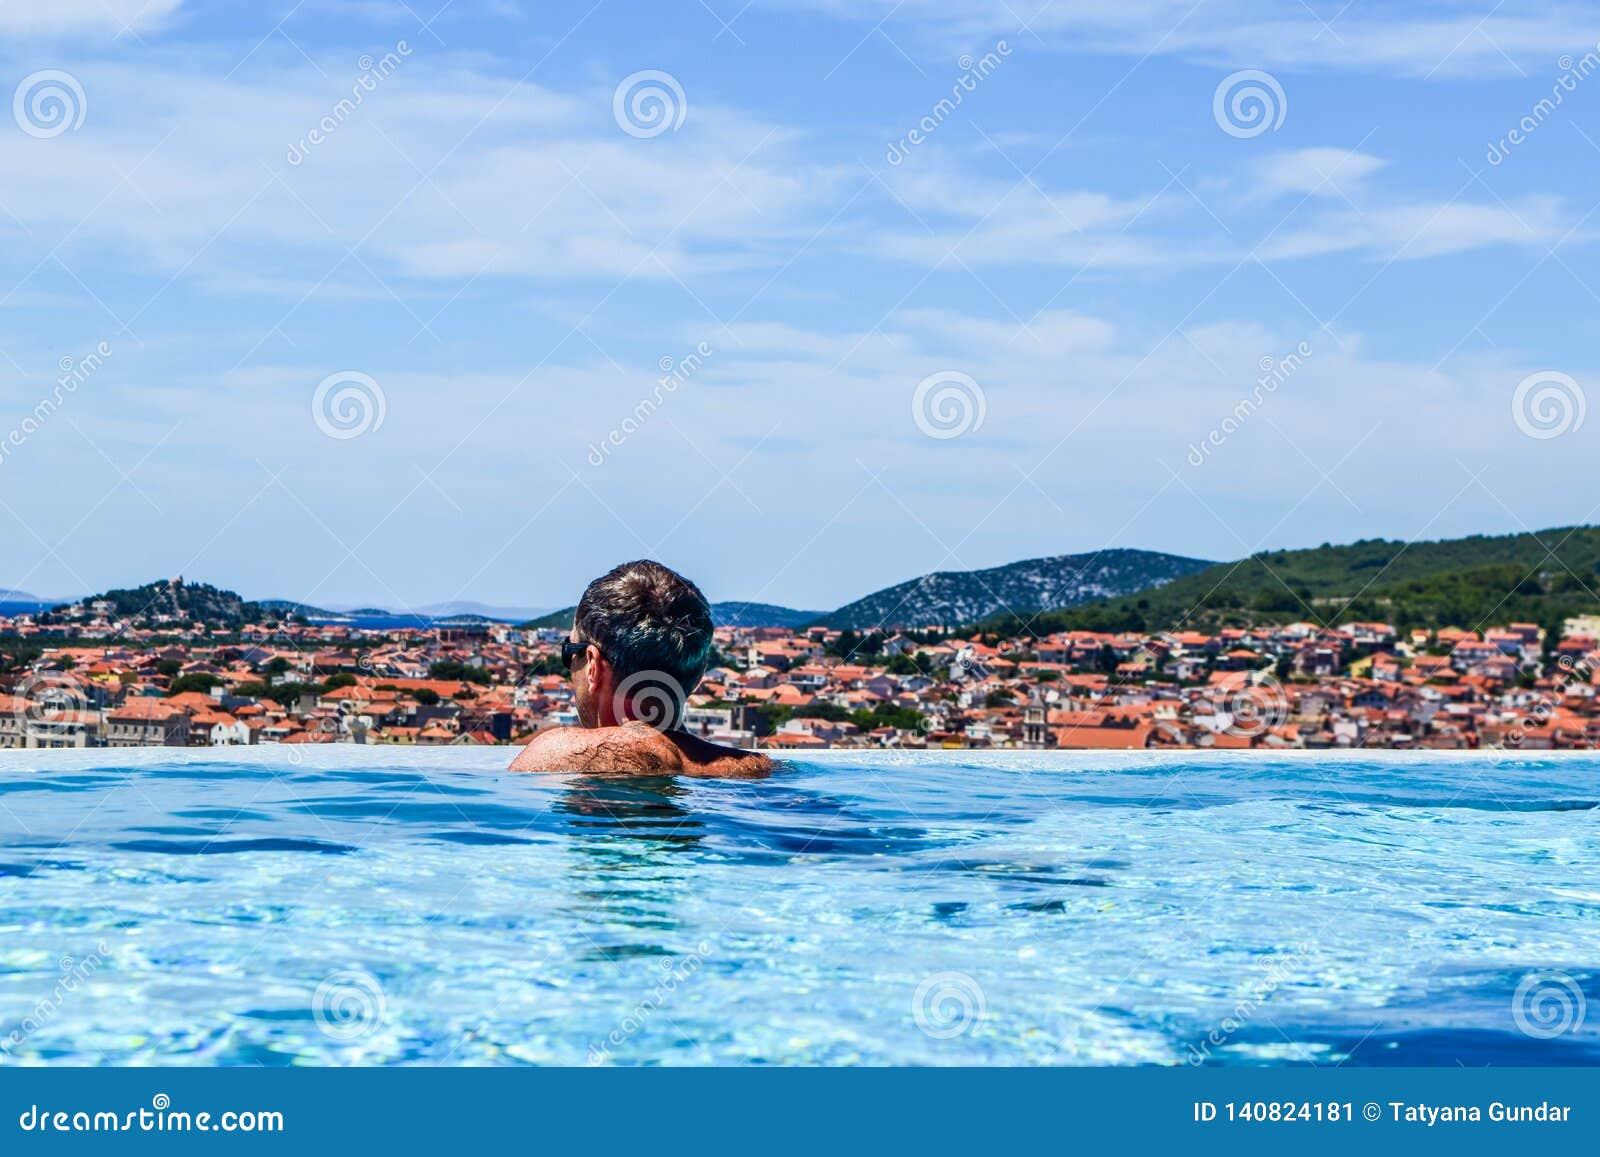 El hombre en la piscina